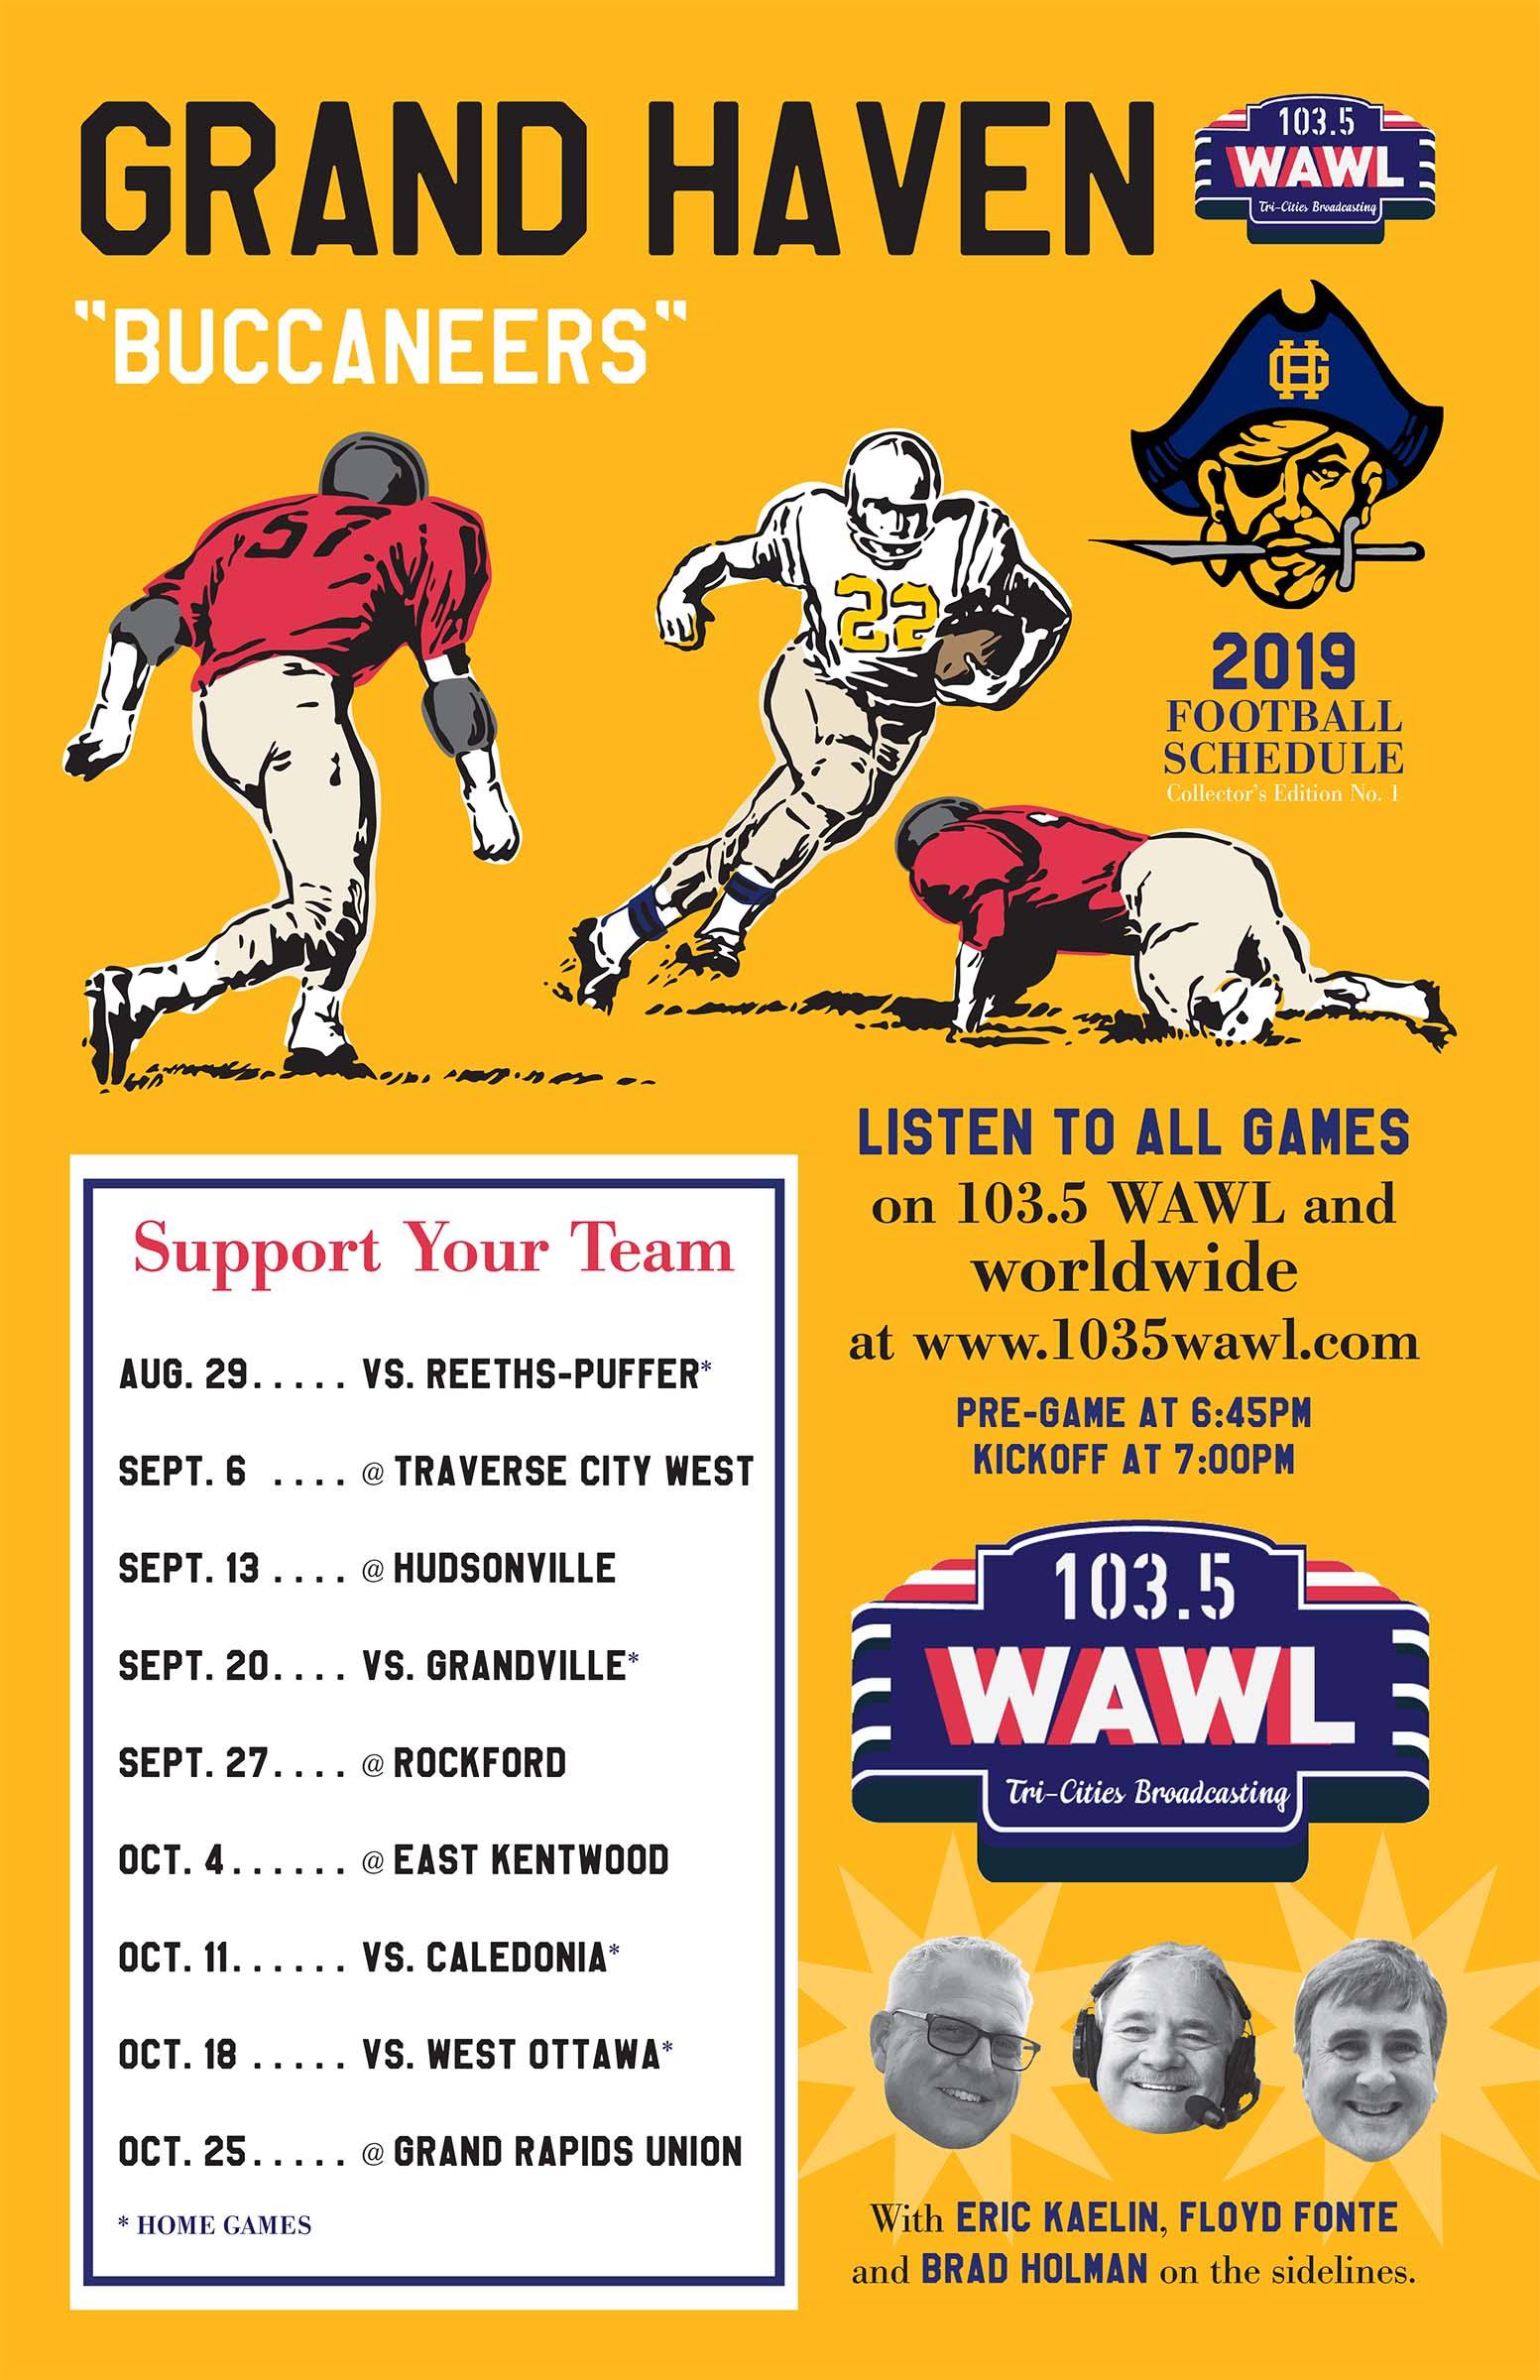 Grand Haven radio - 103 5 WAWL